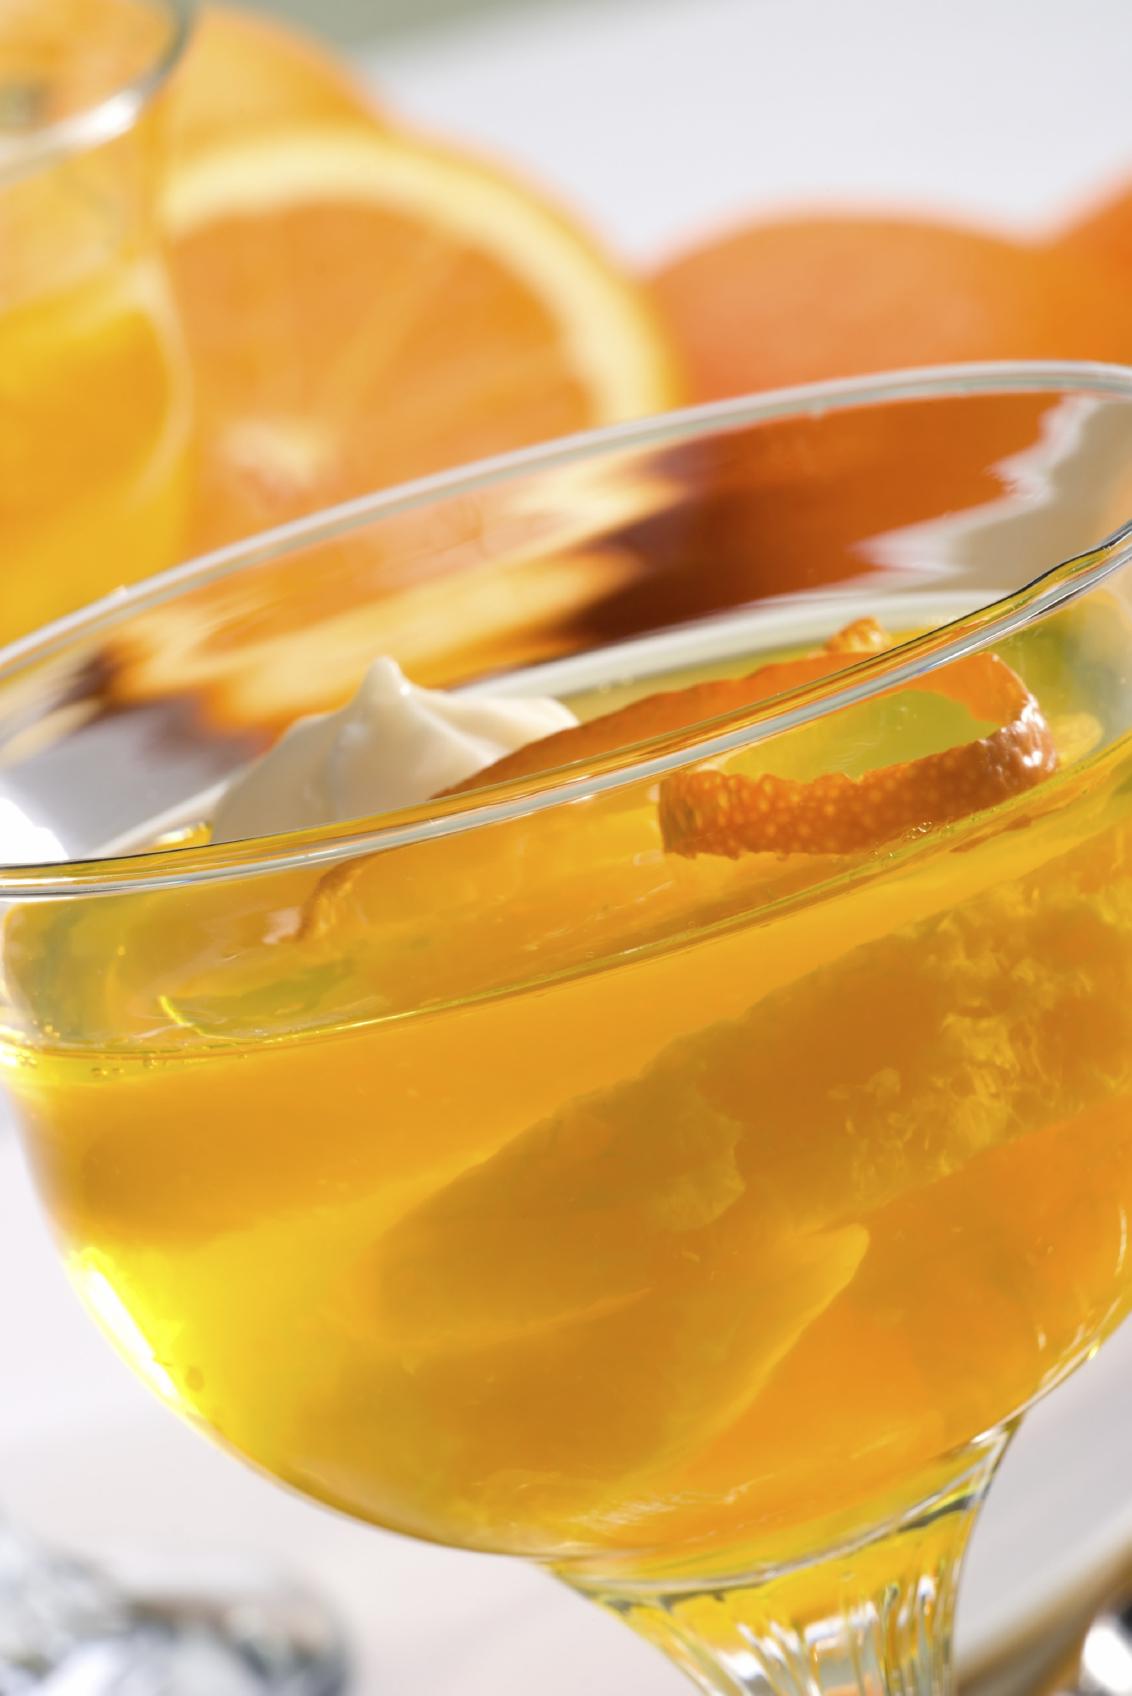 Gelatina de jugo naranja natural